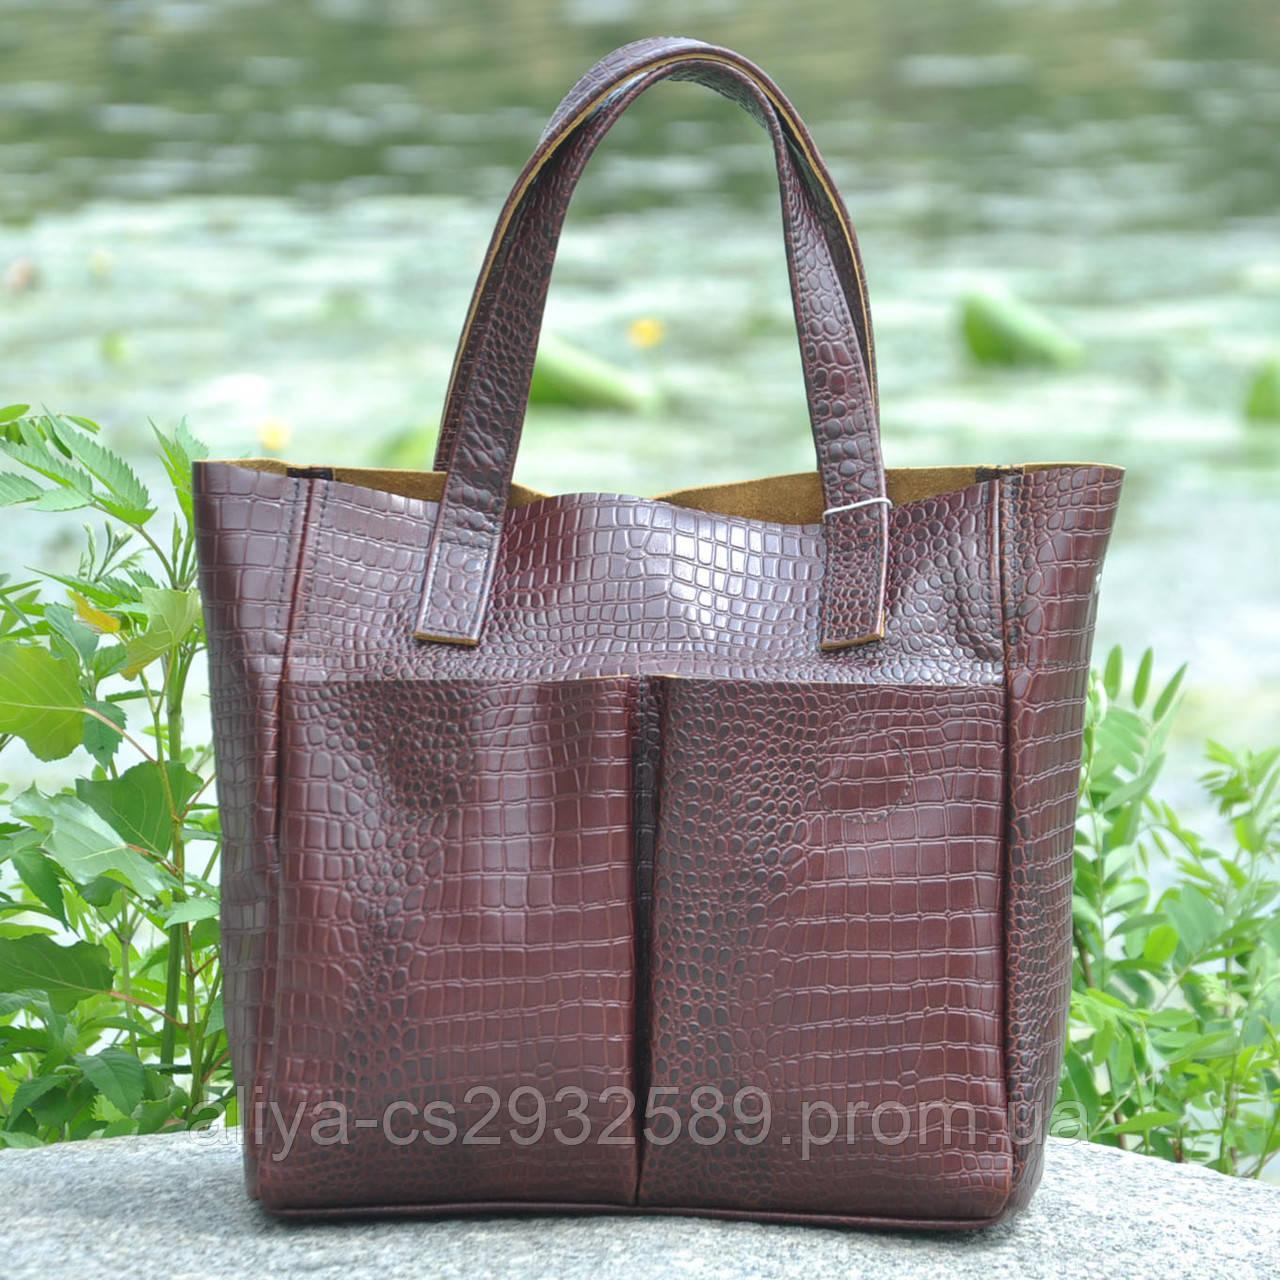 14245cec2da8 Кожаная женская сумка Палермо крокодиловая коричневая: продажа, цена ...